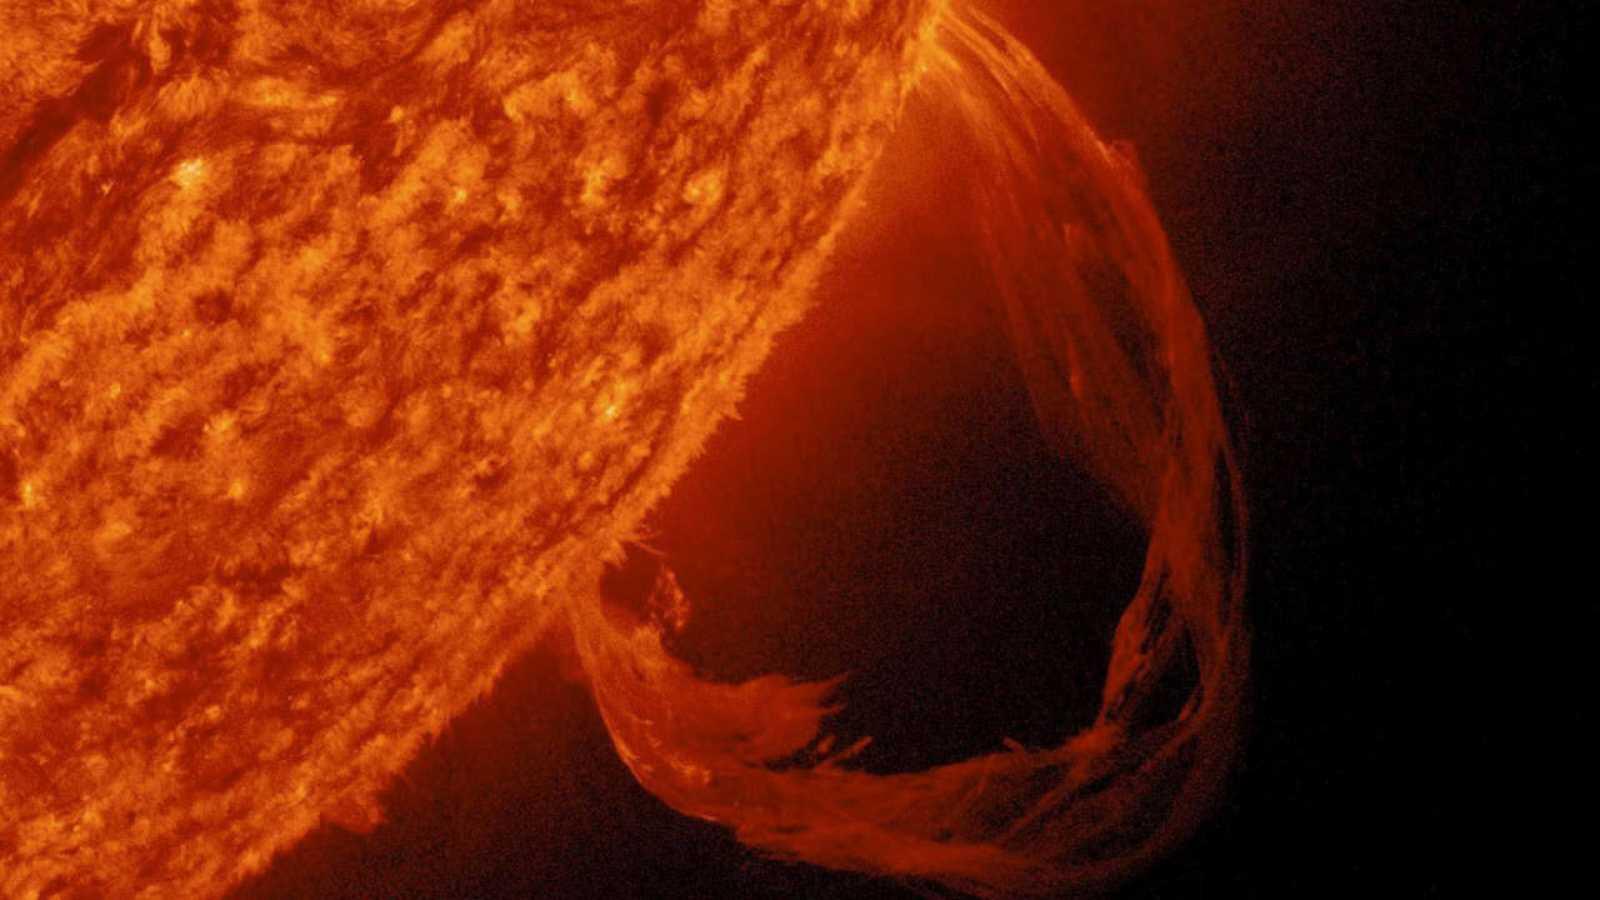 Las erupciones solares son explosiones masivas que arrojan millones de toneladas de gas de plasma y radiación en el espacio.